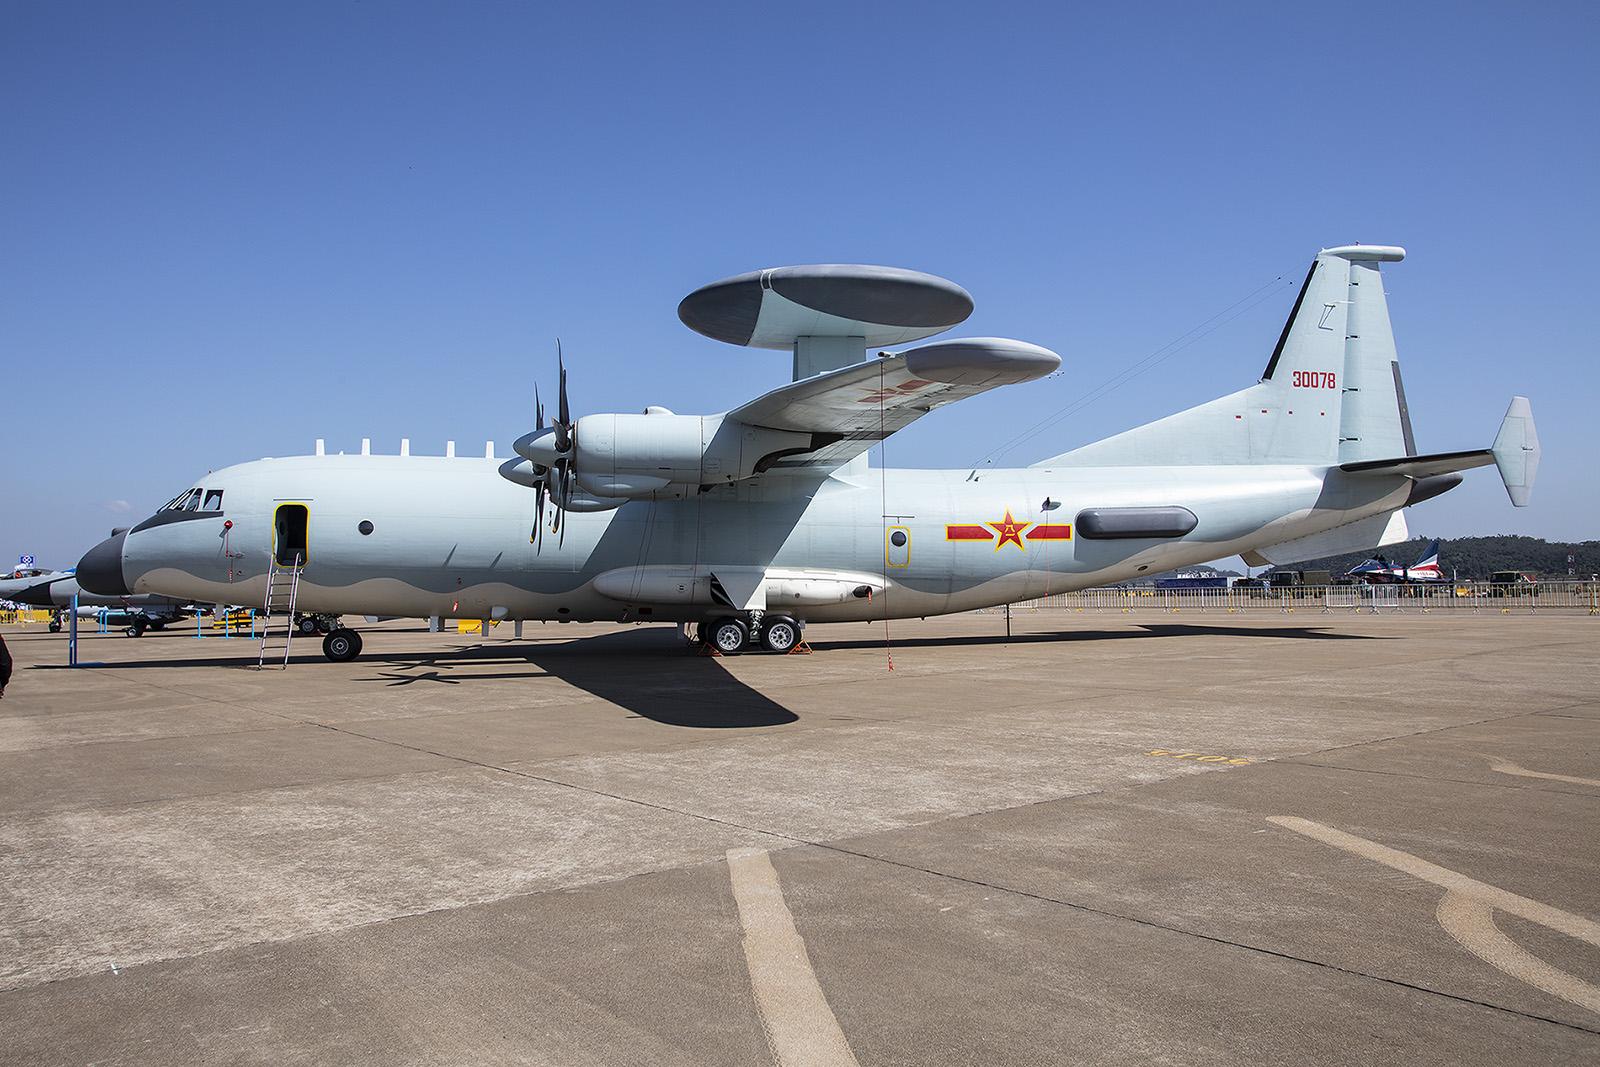 Mit einem Frühwarnsystem versehen wird aus der Y-9 eine KJ-900, vergleichbar mit den AWACS-Maschinen der NATO.